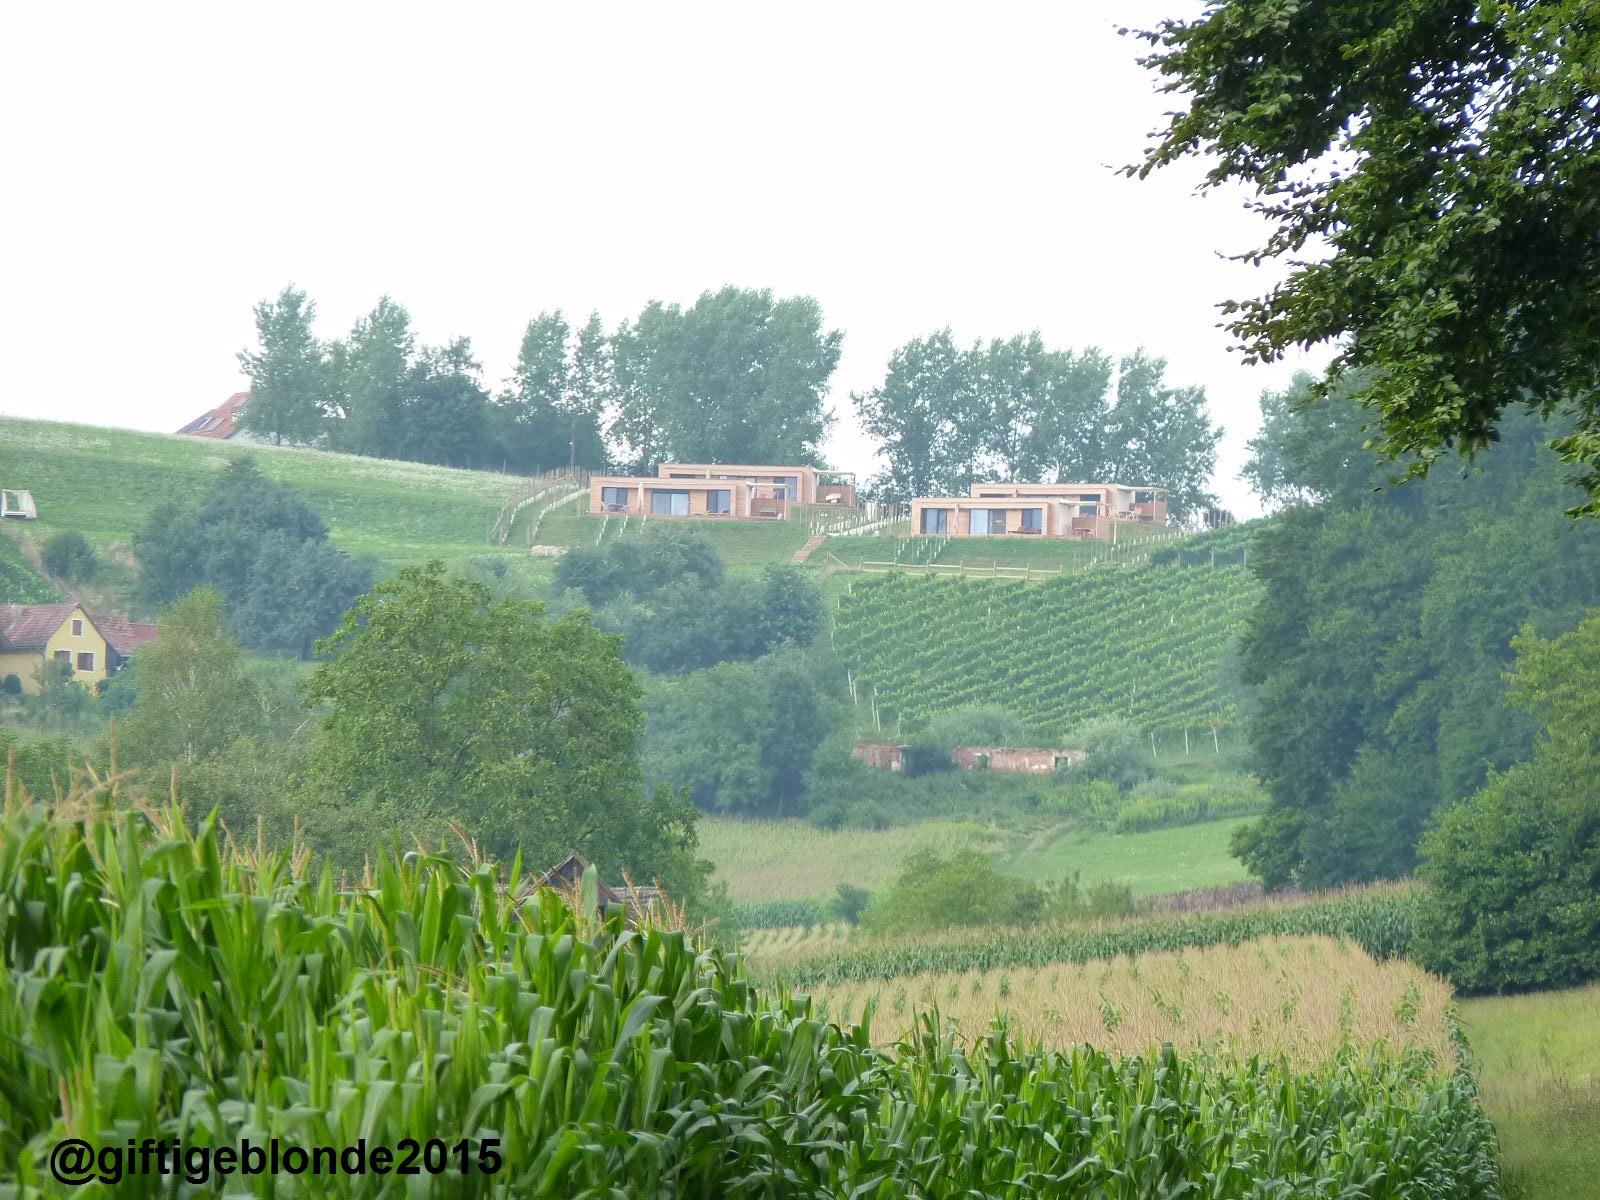 Blick auf das Weingarten Resort Unterlamm